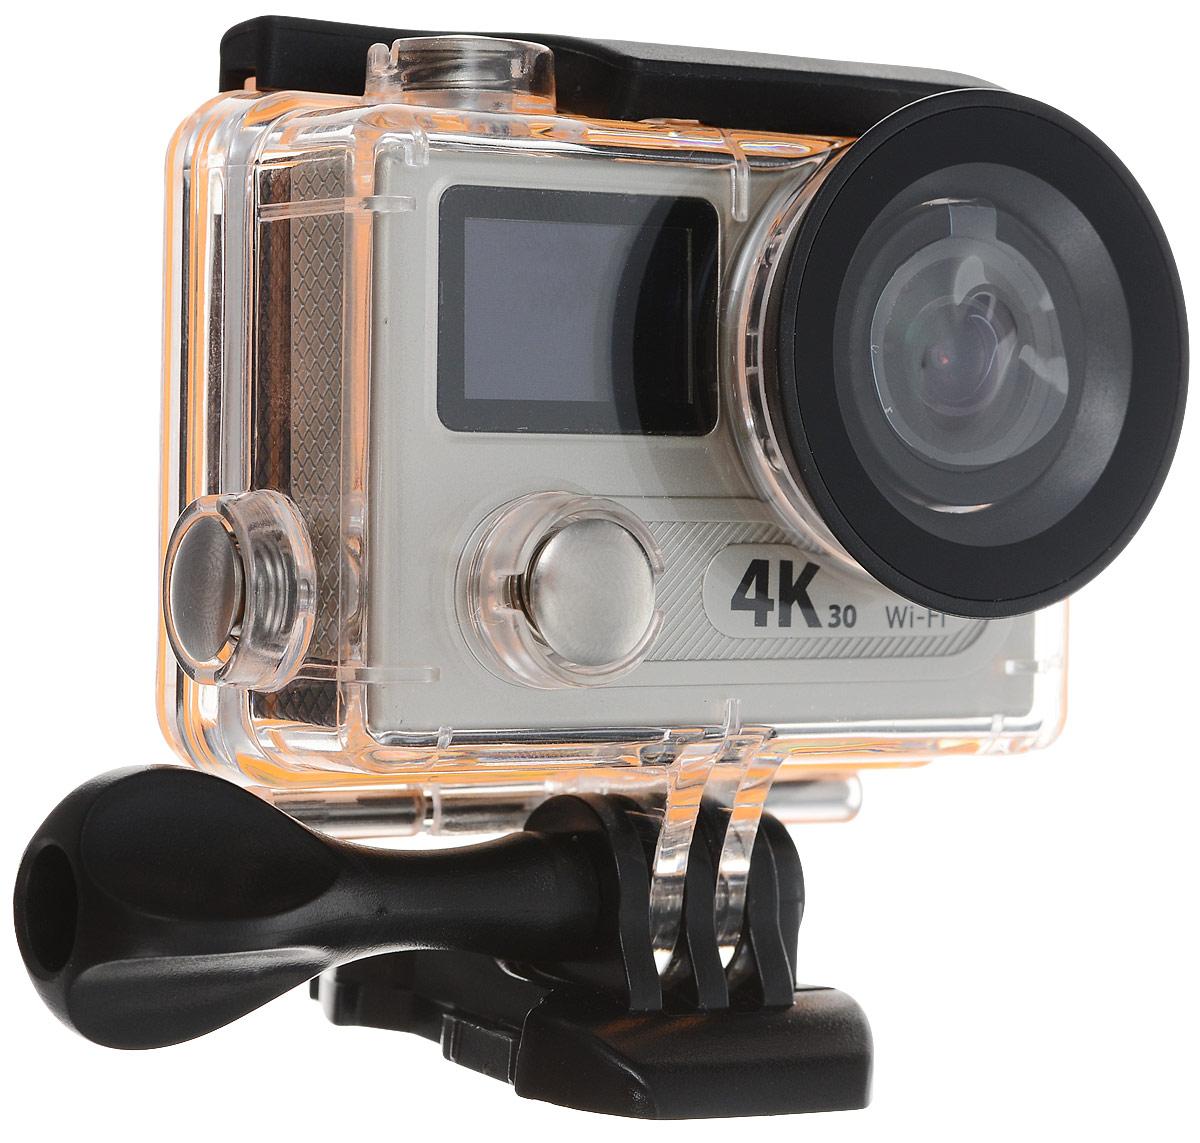 Eken H8R Ultra HD, Grey экшн-камераH8R_greyЭкшн-камера Eken H8R Ultra HD позволяет записывать видео с разрешением 4К и очень плавным изображением до 30 кадров в секунду. Камера имеет два дисплея: 2 TFT LCD основной экран и 0.95 OLED экран статуса (уровень заряда батареи, подключение к WiFi, режим съемки и длительность записи). Эта модель сделана для любителей спорта на улице, подводного плавания, скейтбординга, скай-дайвинга, скалолазания, бега или охоты. Снимайте с руки, на велосипеде, в машине и где угодно. По сравнению с предыдущими версиями, в Eken H8R Ultra HD вы найдете уменьшенные размеры корпуса, увеличенный до 2-х дюймов экран, невероятную оптику и фантастическое разрешение изображения при съемке 30 кадров в секунду!Управляйте вашей H8R на своем смартфоне или планшете. Приложение Ez iCam App позволяет работать с браузером и наблюдать все то, что видит ваша камера. В комплекте с камерой идет пульт ДУ работающий на частоте 2,4 Ггц. Он позволяет начинать и заканчивать съемку удаленно.